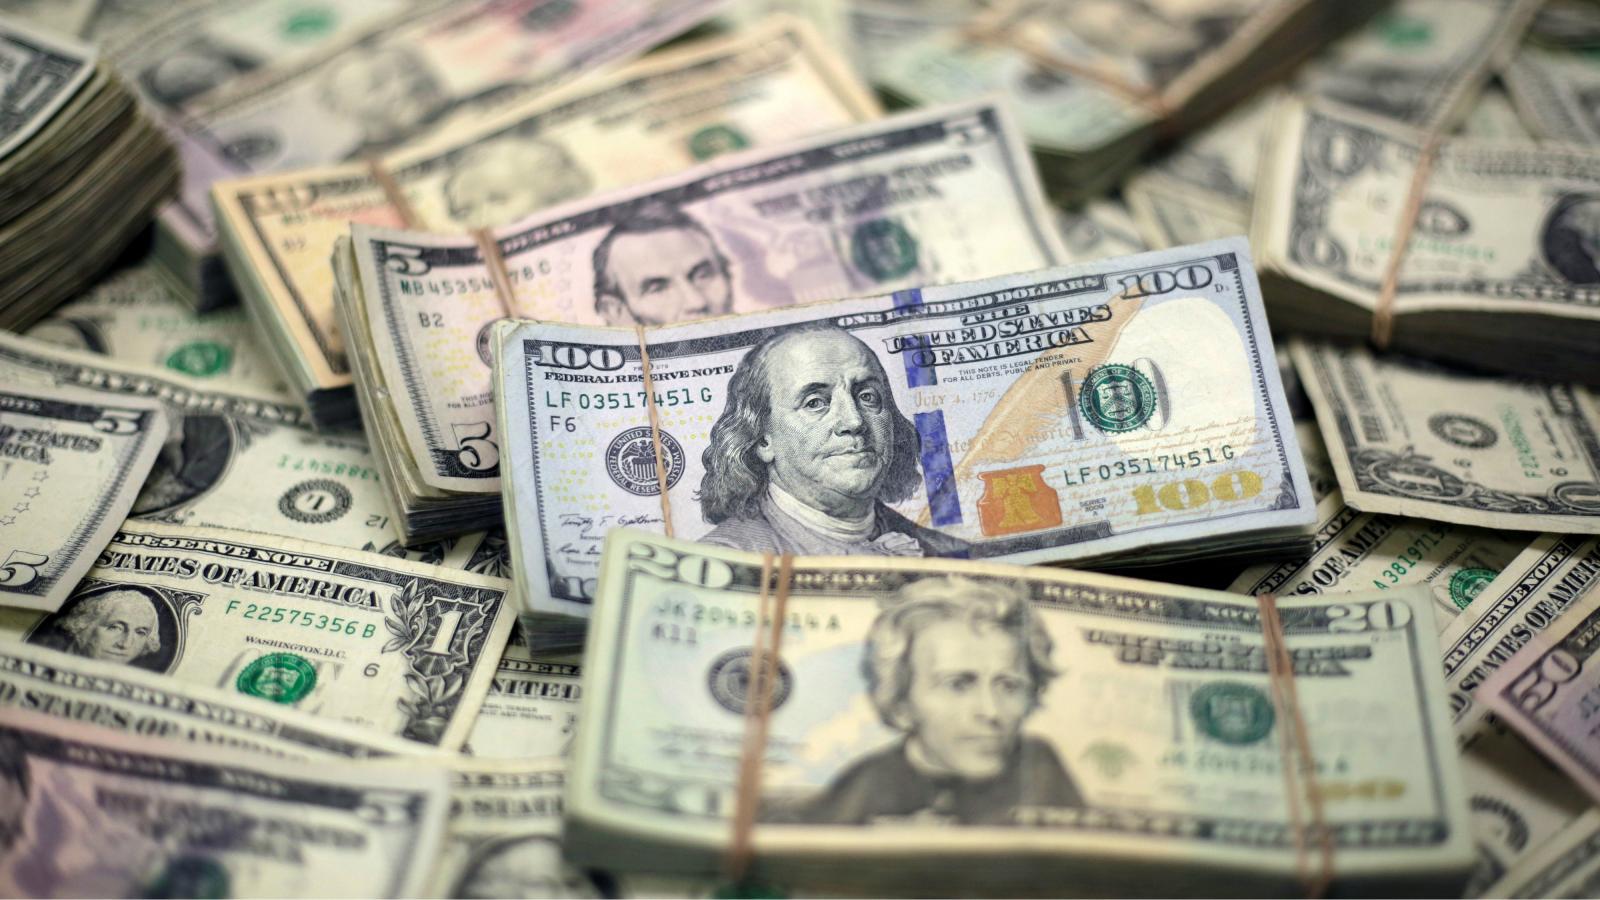 قدرت بالای دلار به دولت ایالات متحده یک توانایی بی مانند داده که بتواند در جهت اجرای تحریم های اقتصادی خود علیه برخی کشورها، فشار زیادی به دولت ها وارد کند.